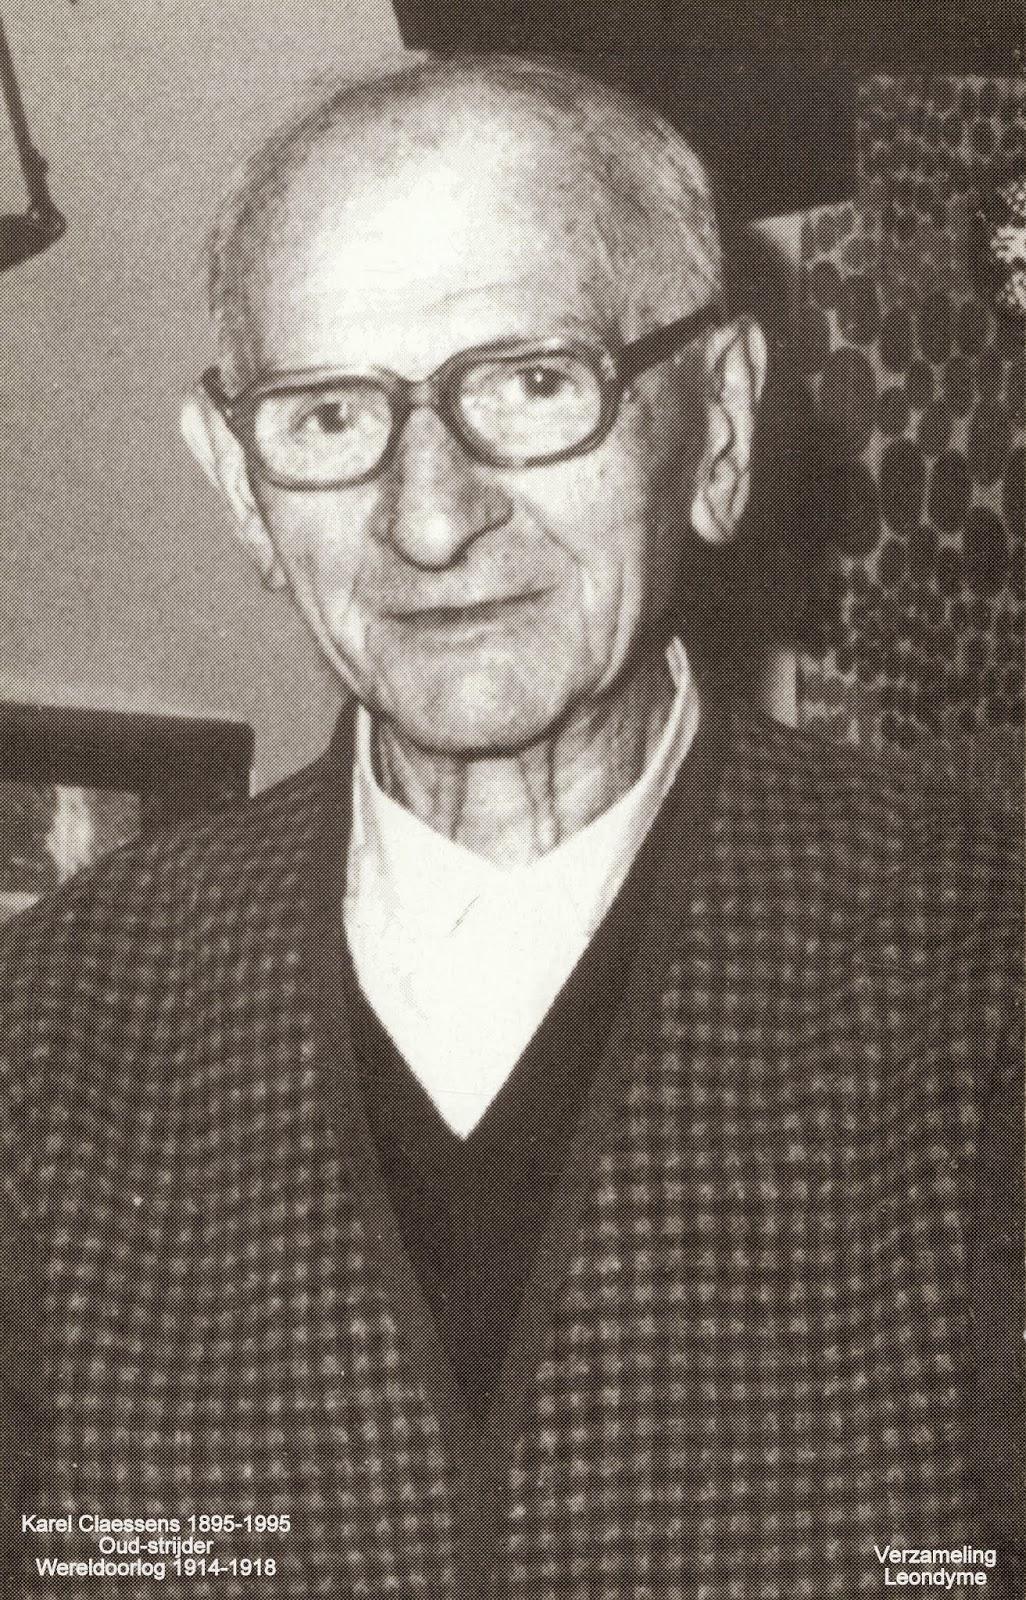 Oud-strijder Karel Claessens 1895-1995. Verzameling Leondyme.